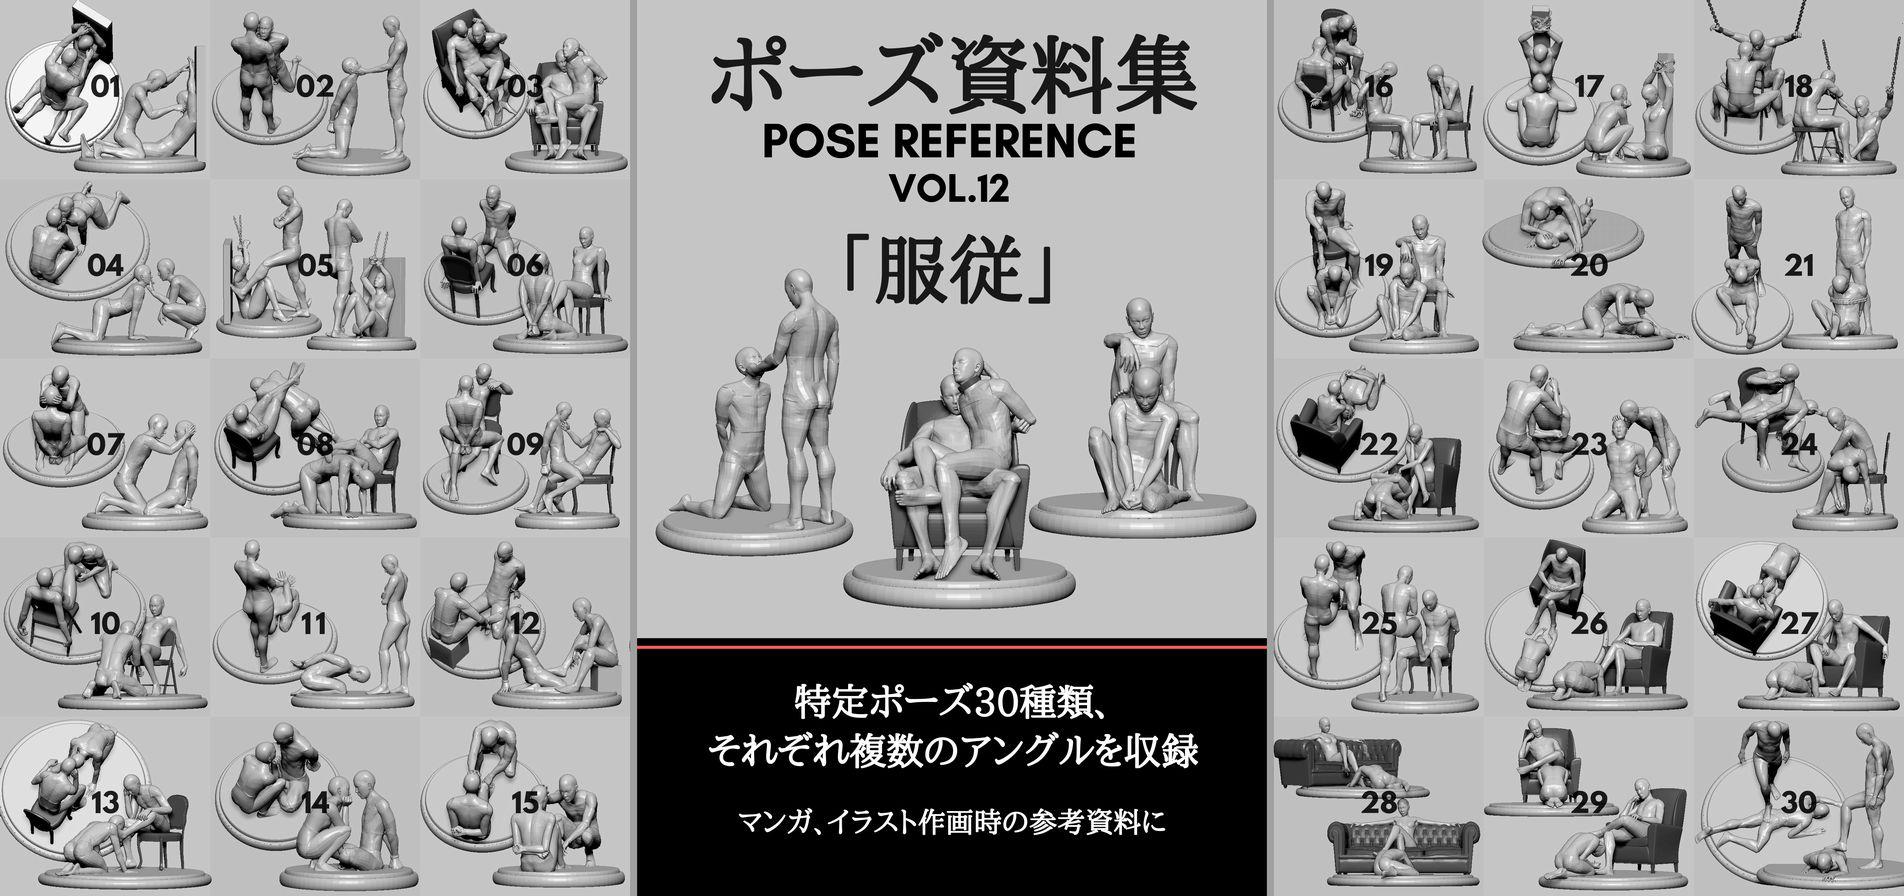 f:id:oosaji:20200619180429j:plain